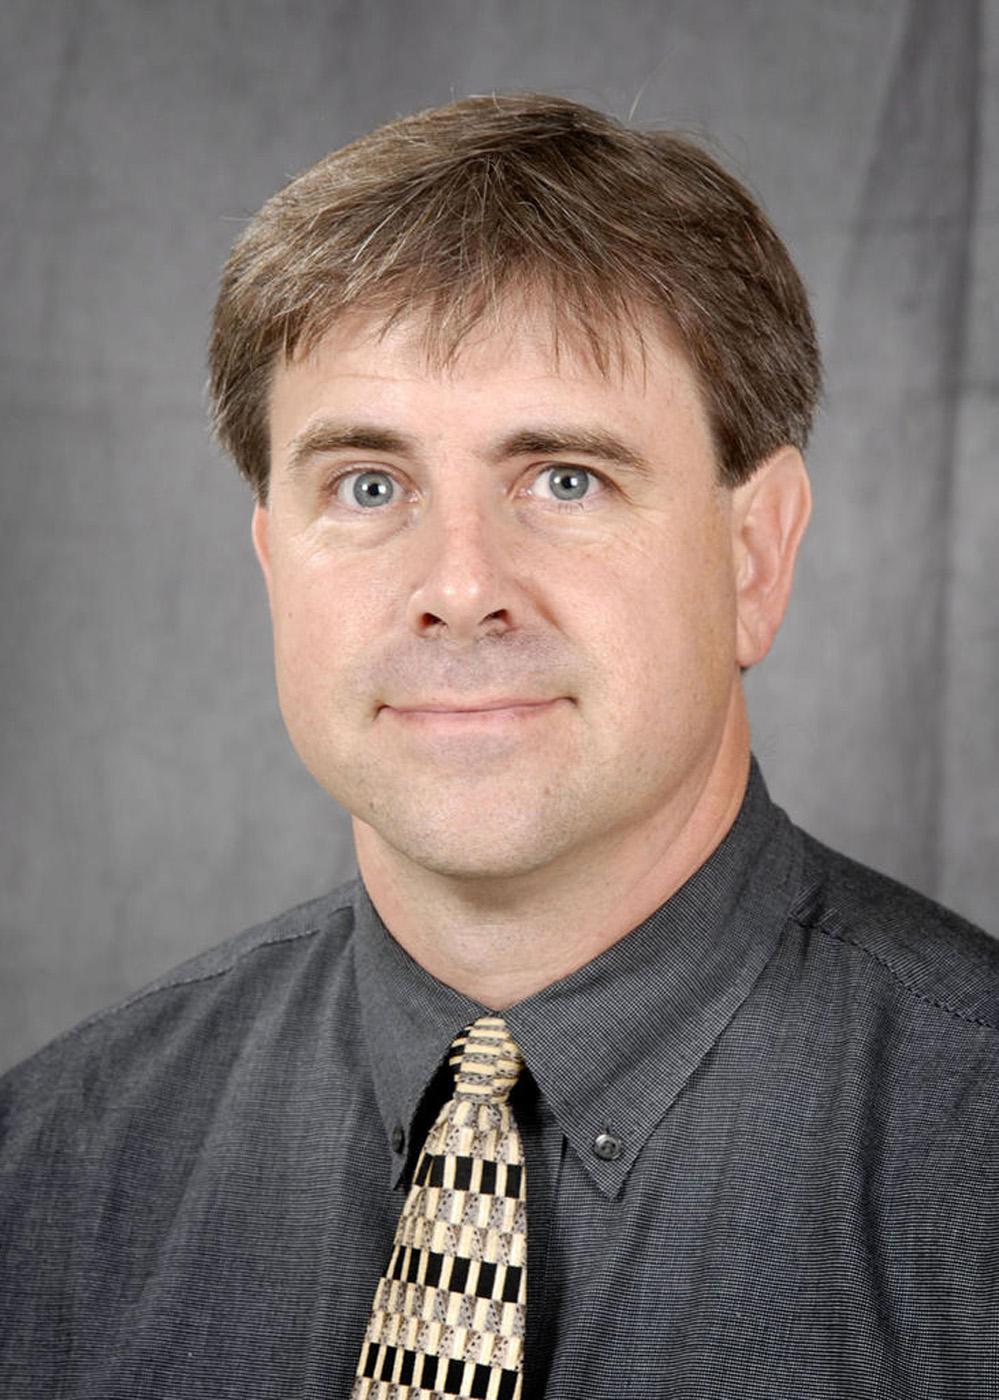 Joel D. Ray